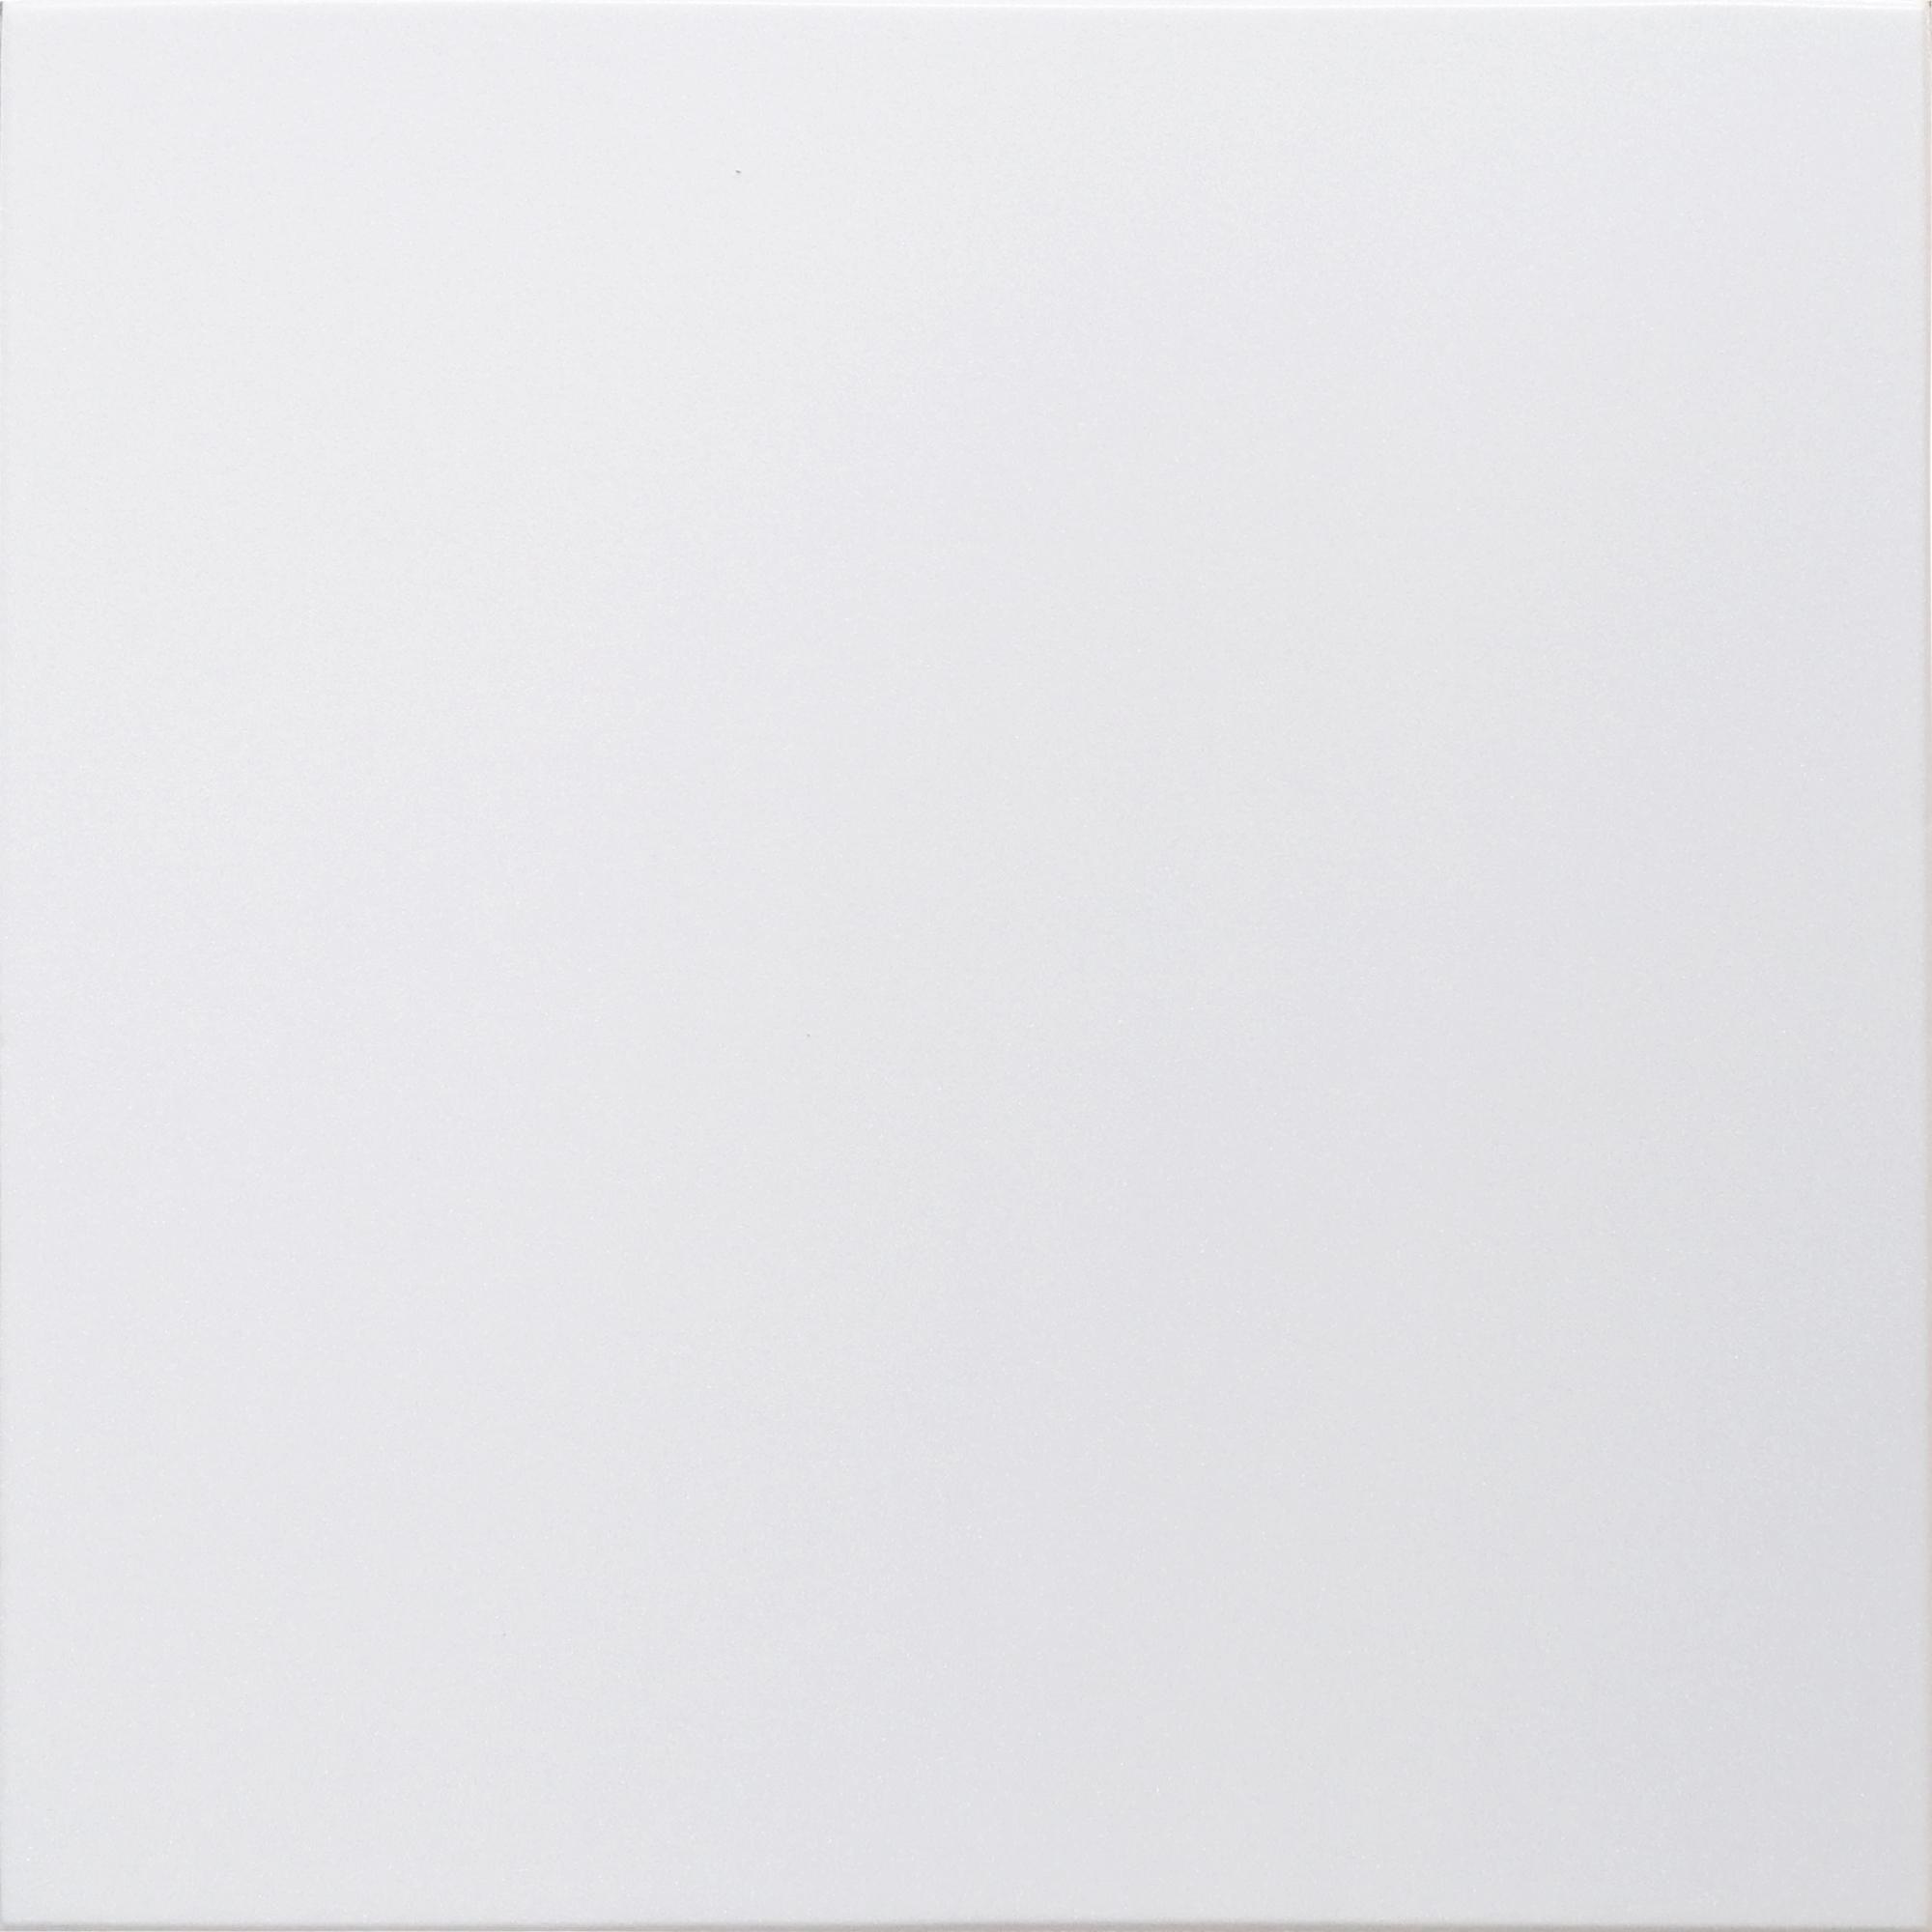 Kasetony Dekoracyjne Sufitowe Gładkie Białe 0814